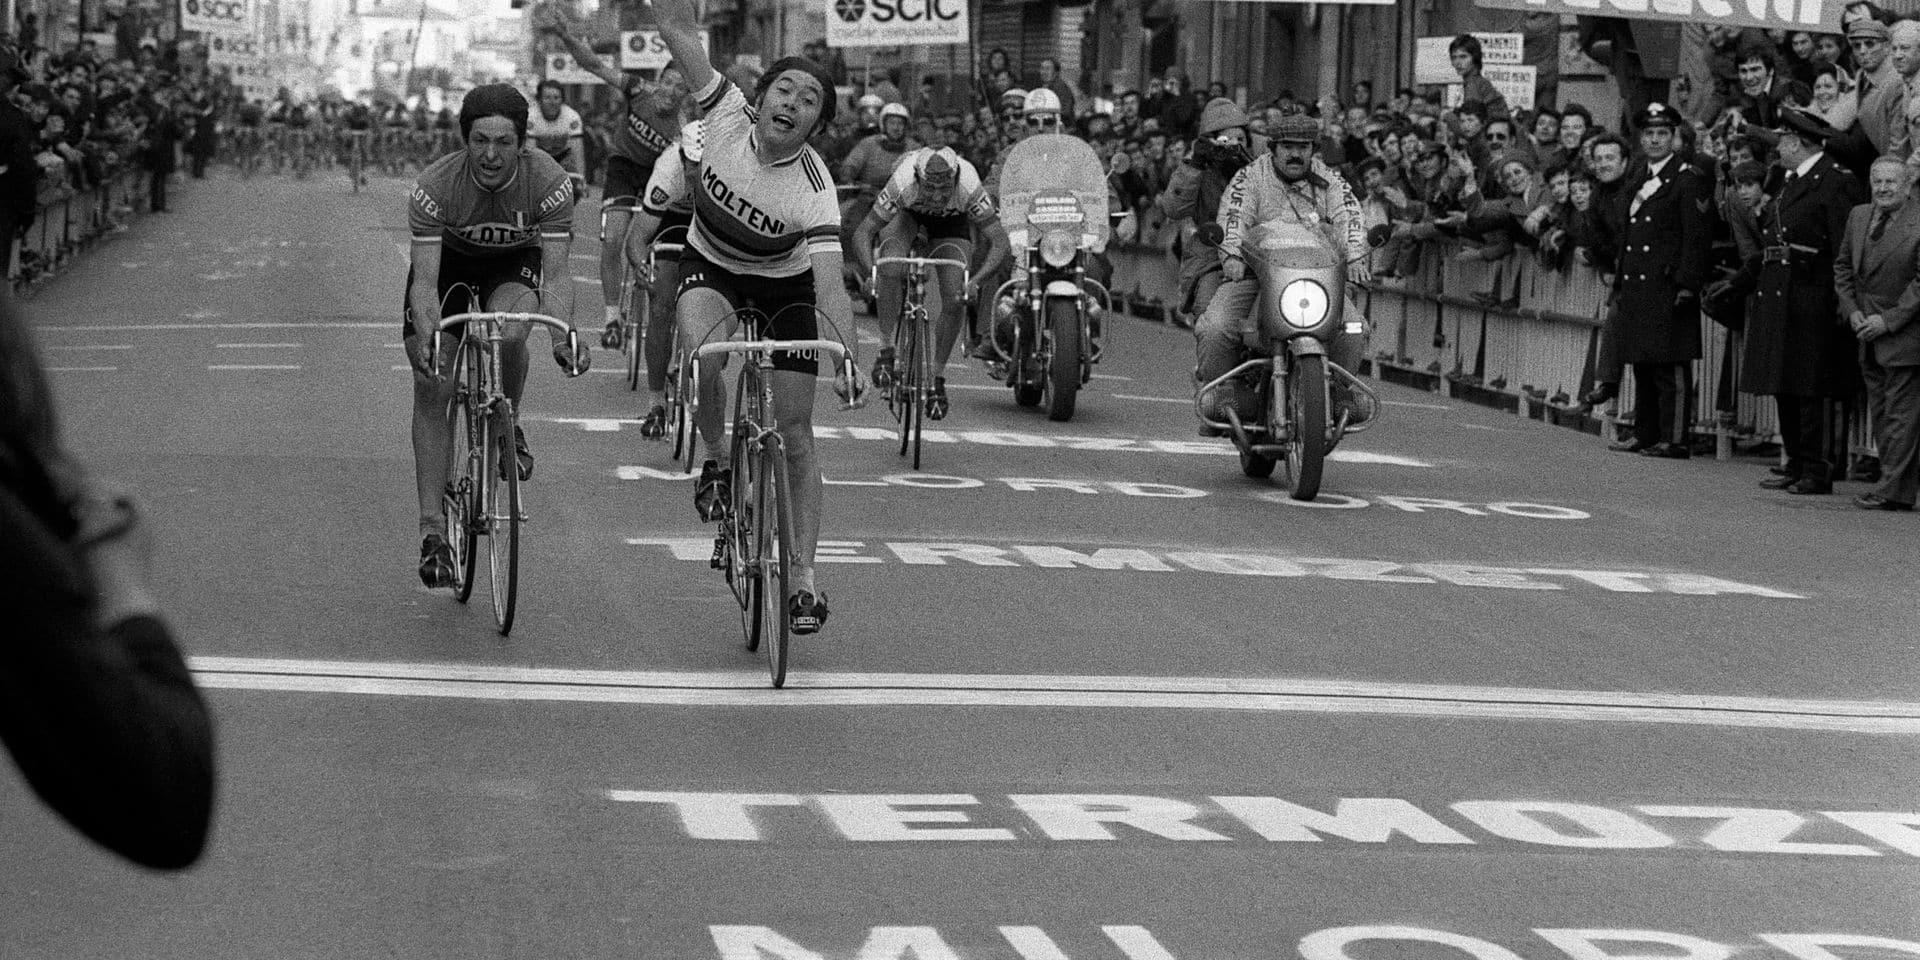 """1975, quand Eddy Merckx a gagné Milan-Sanremo pour la sixième fois: """"Soudain, j'ai vu un express me dépasser"""""""